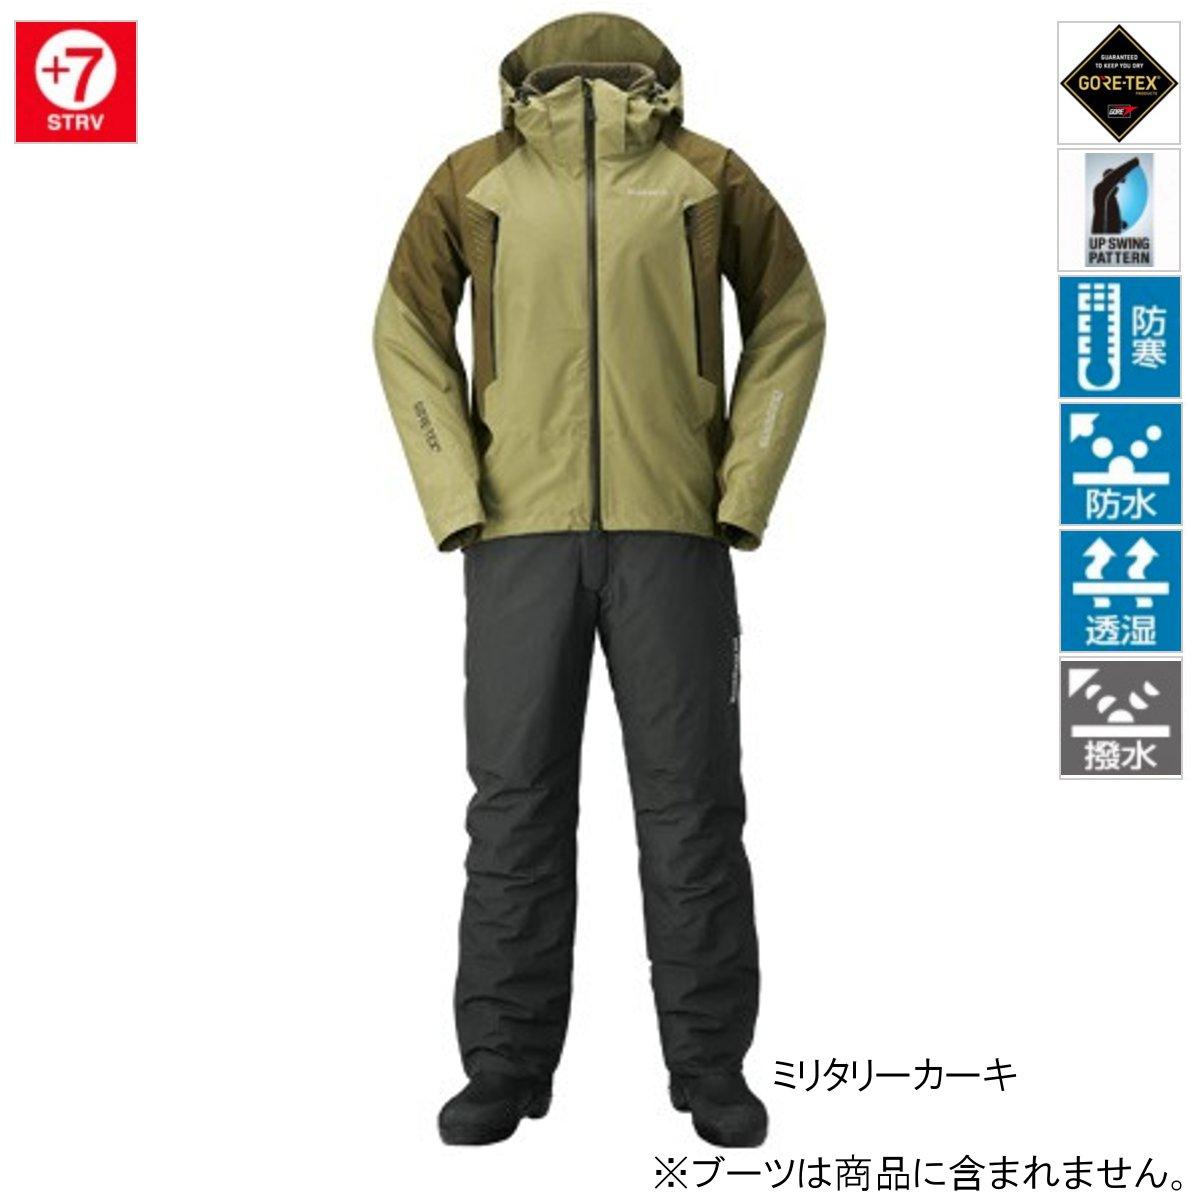 シマノ GORE-TEX ベーシックウォームスーツ RB-017R XL ミリタリーカーキ(東日本店)